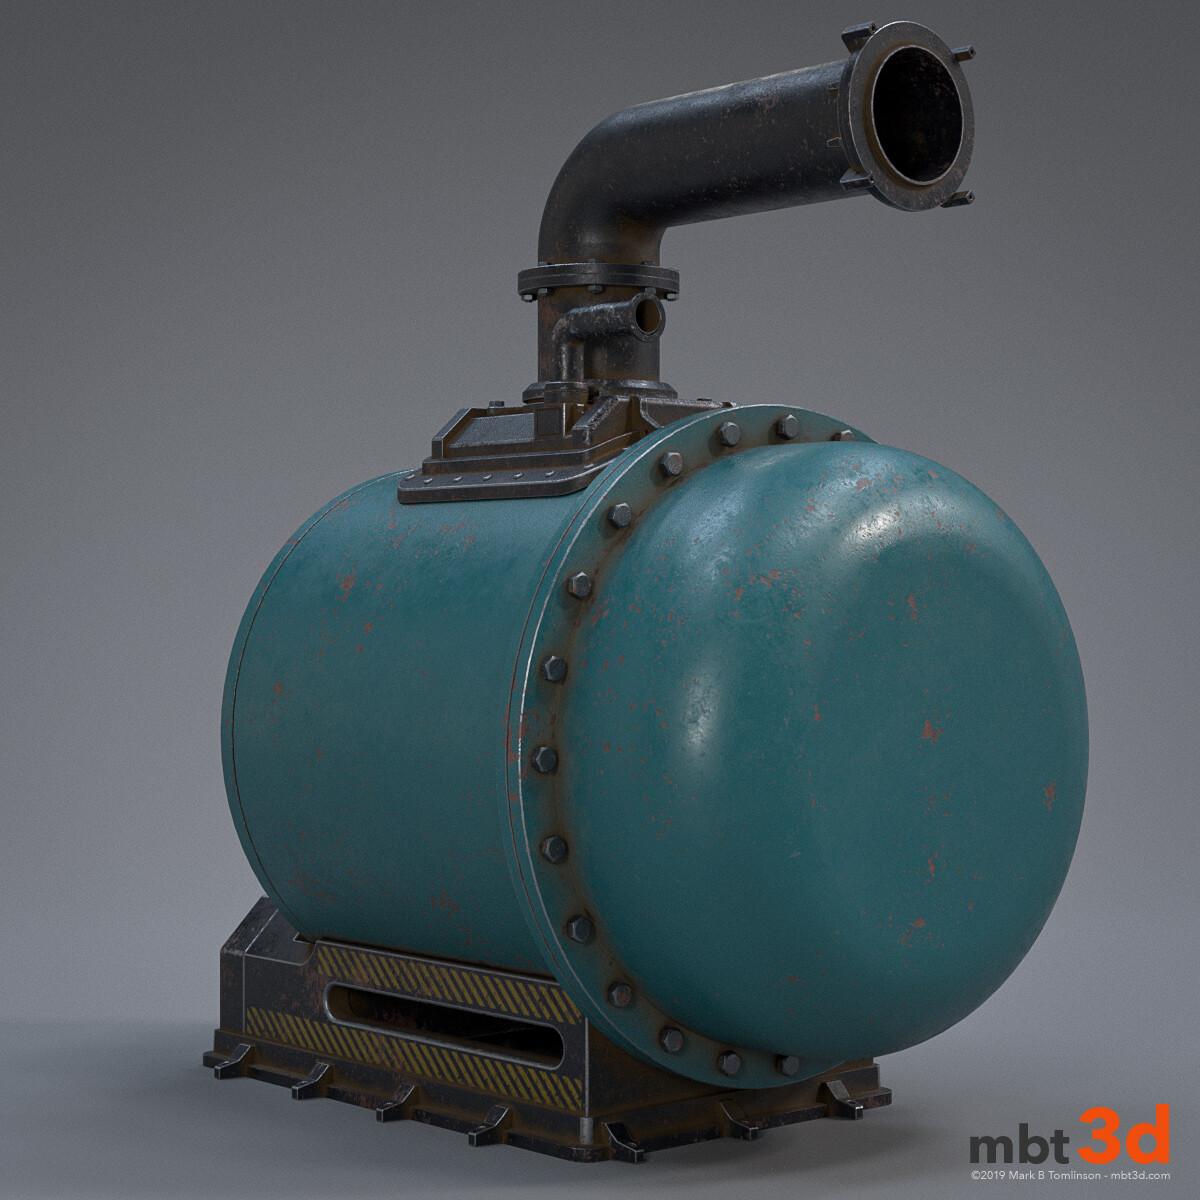 Belly Boiler: